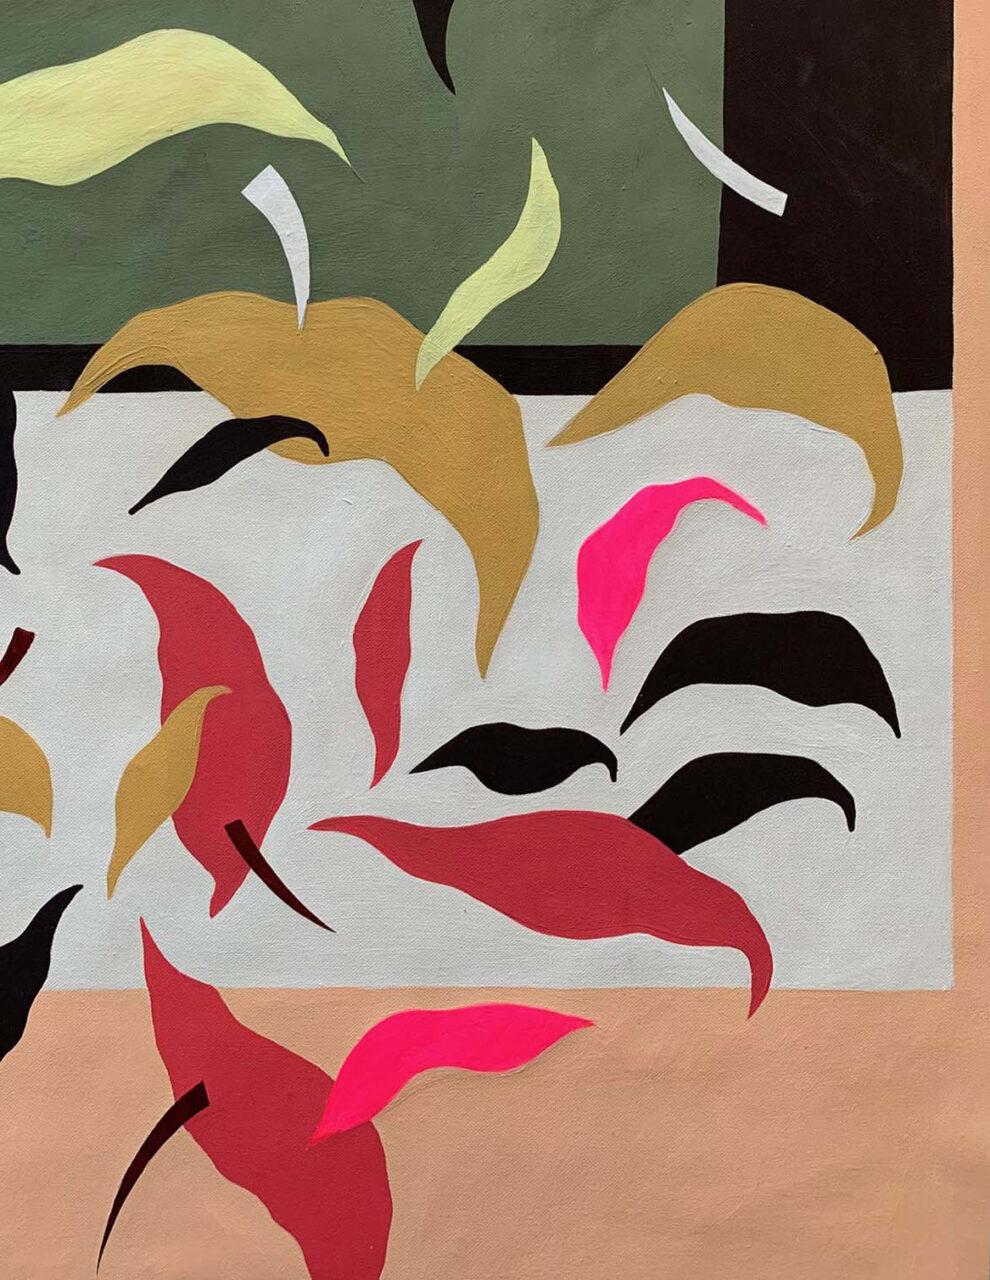 Acrylic on canvas, 60 x 86 cm, 2020